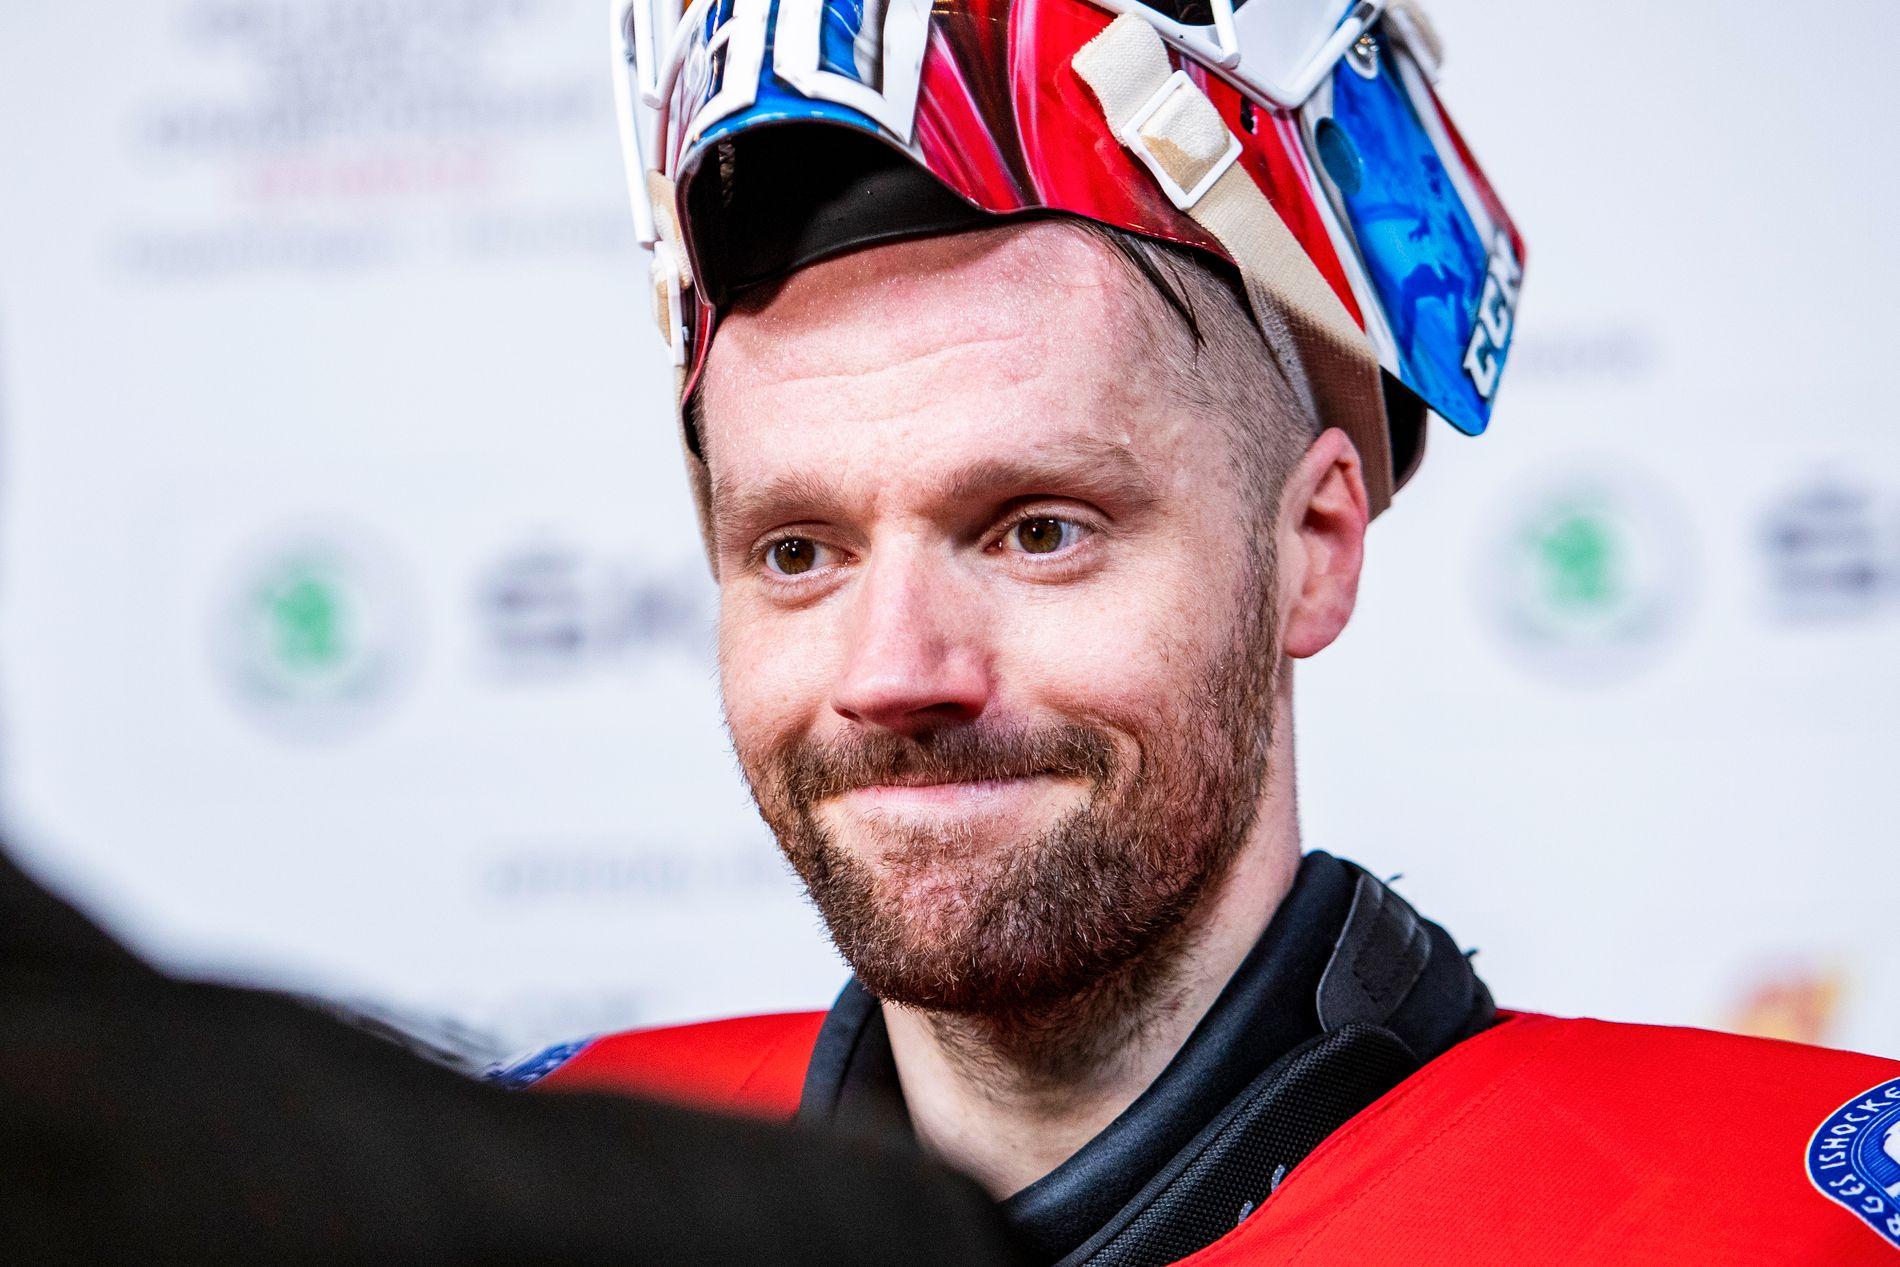 HELT UTE: Lars Haugen (32) ble Norges keeperhelt da han debuterte i VM i Slovakia for åtte år siden. Nå har han meldt avbud til årets mesterskap samme sted. Det starter neste fredag.